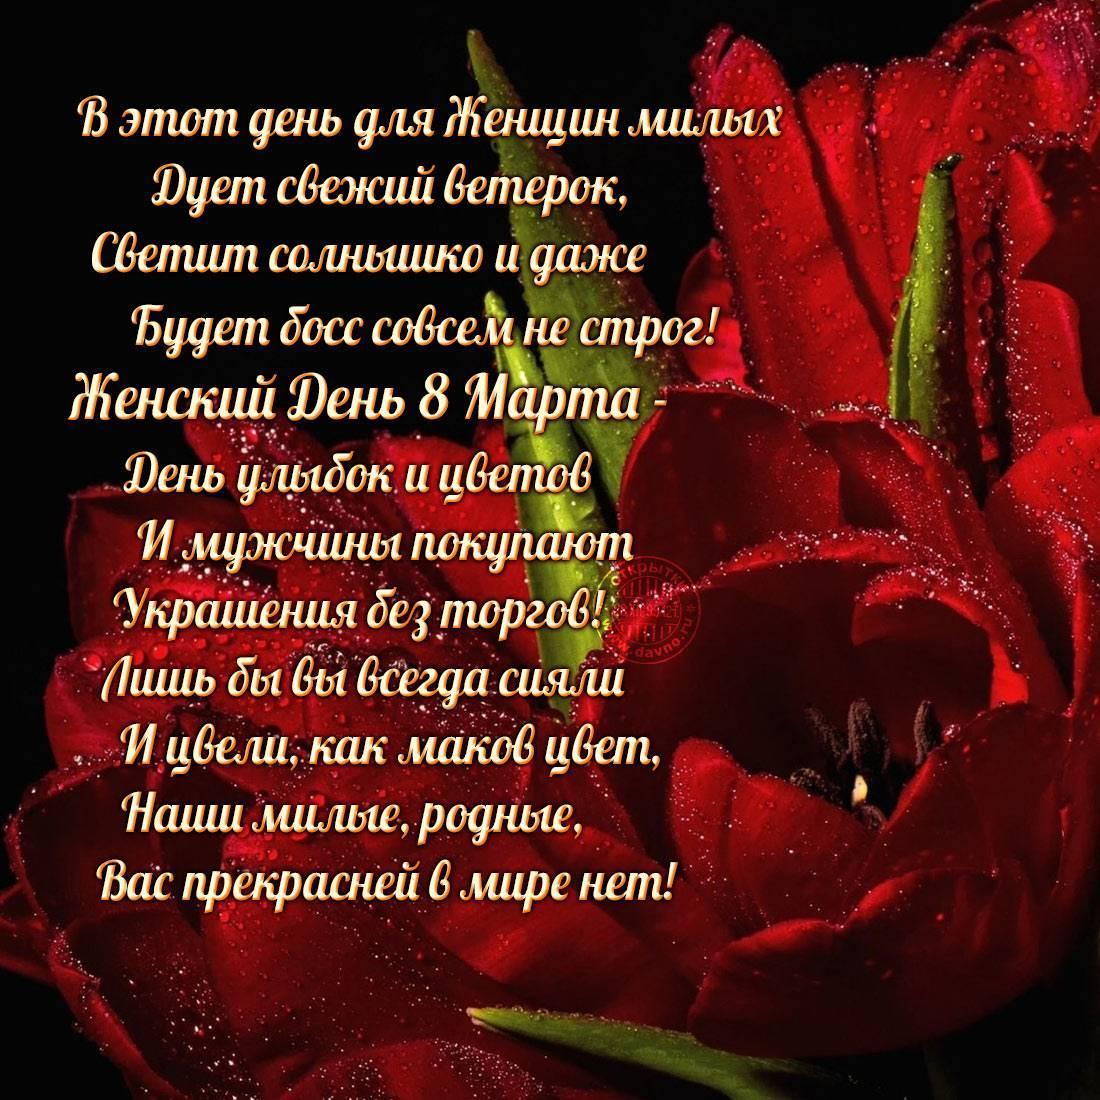 фото Поздравления с 8 Марта: прикольные открытки, стихи и поздравления 9